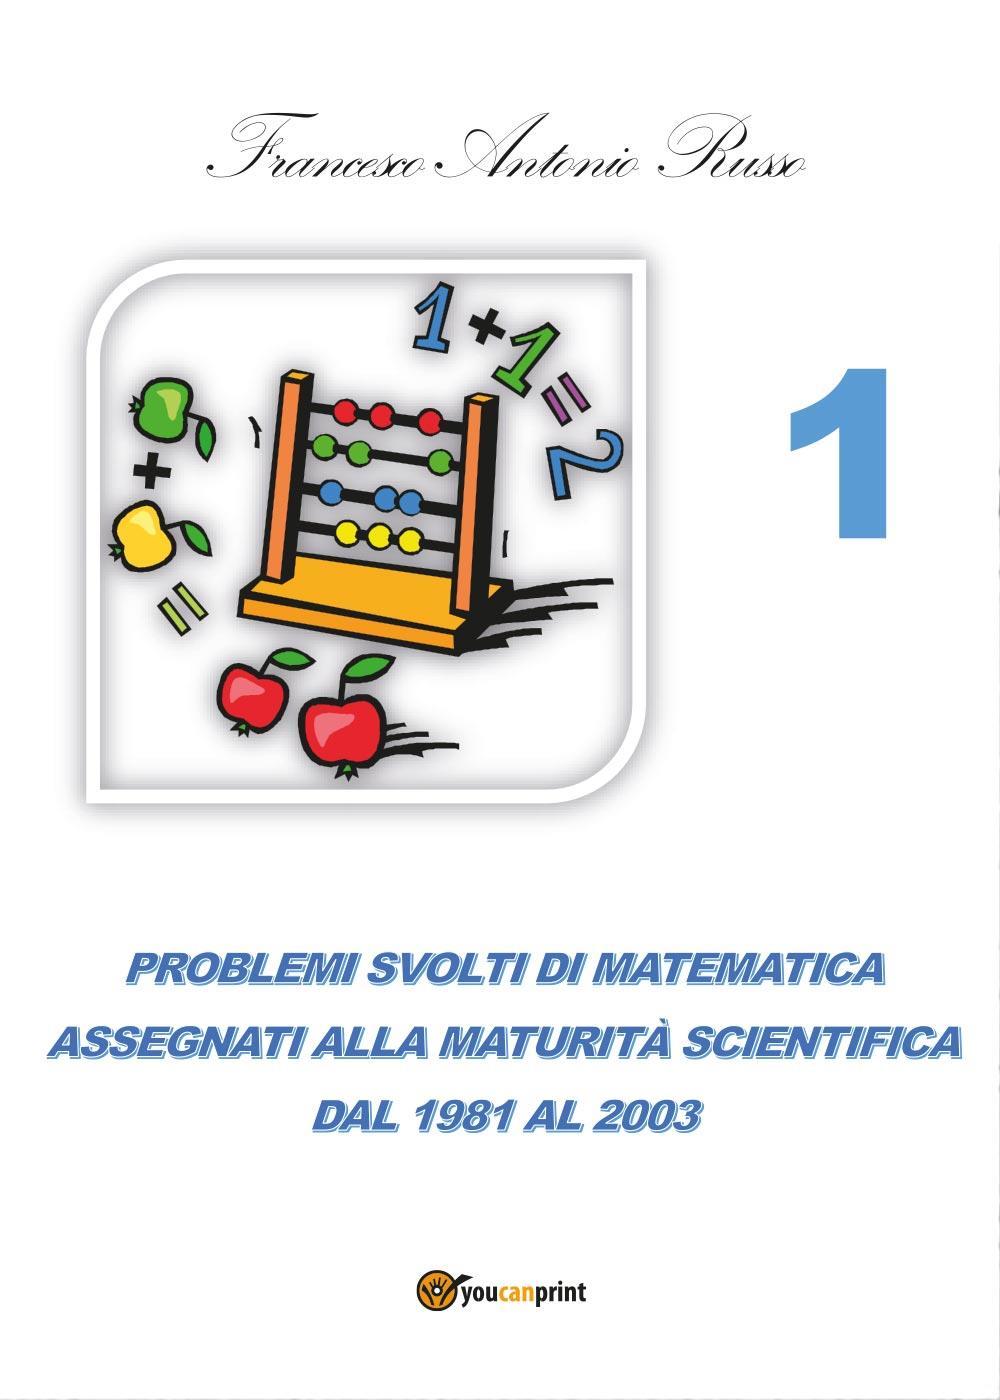 Problemi svolti di matematica assegnati alla Maturità Scientifica dal 1981 al 2003 - TOMO 1